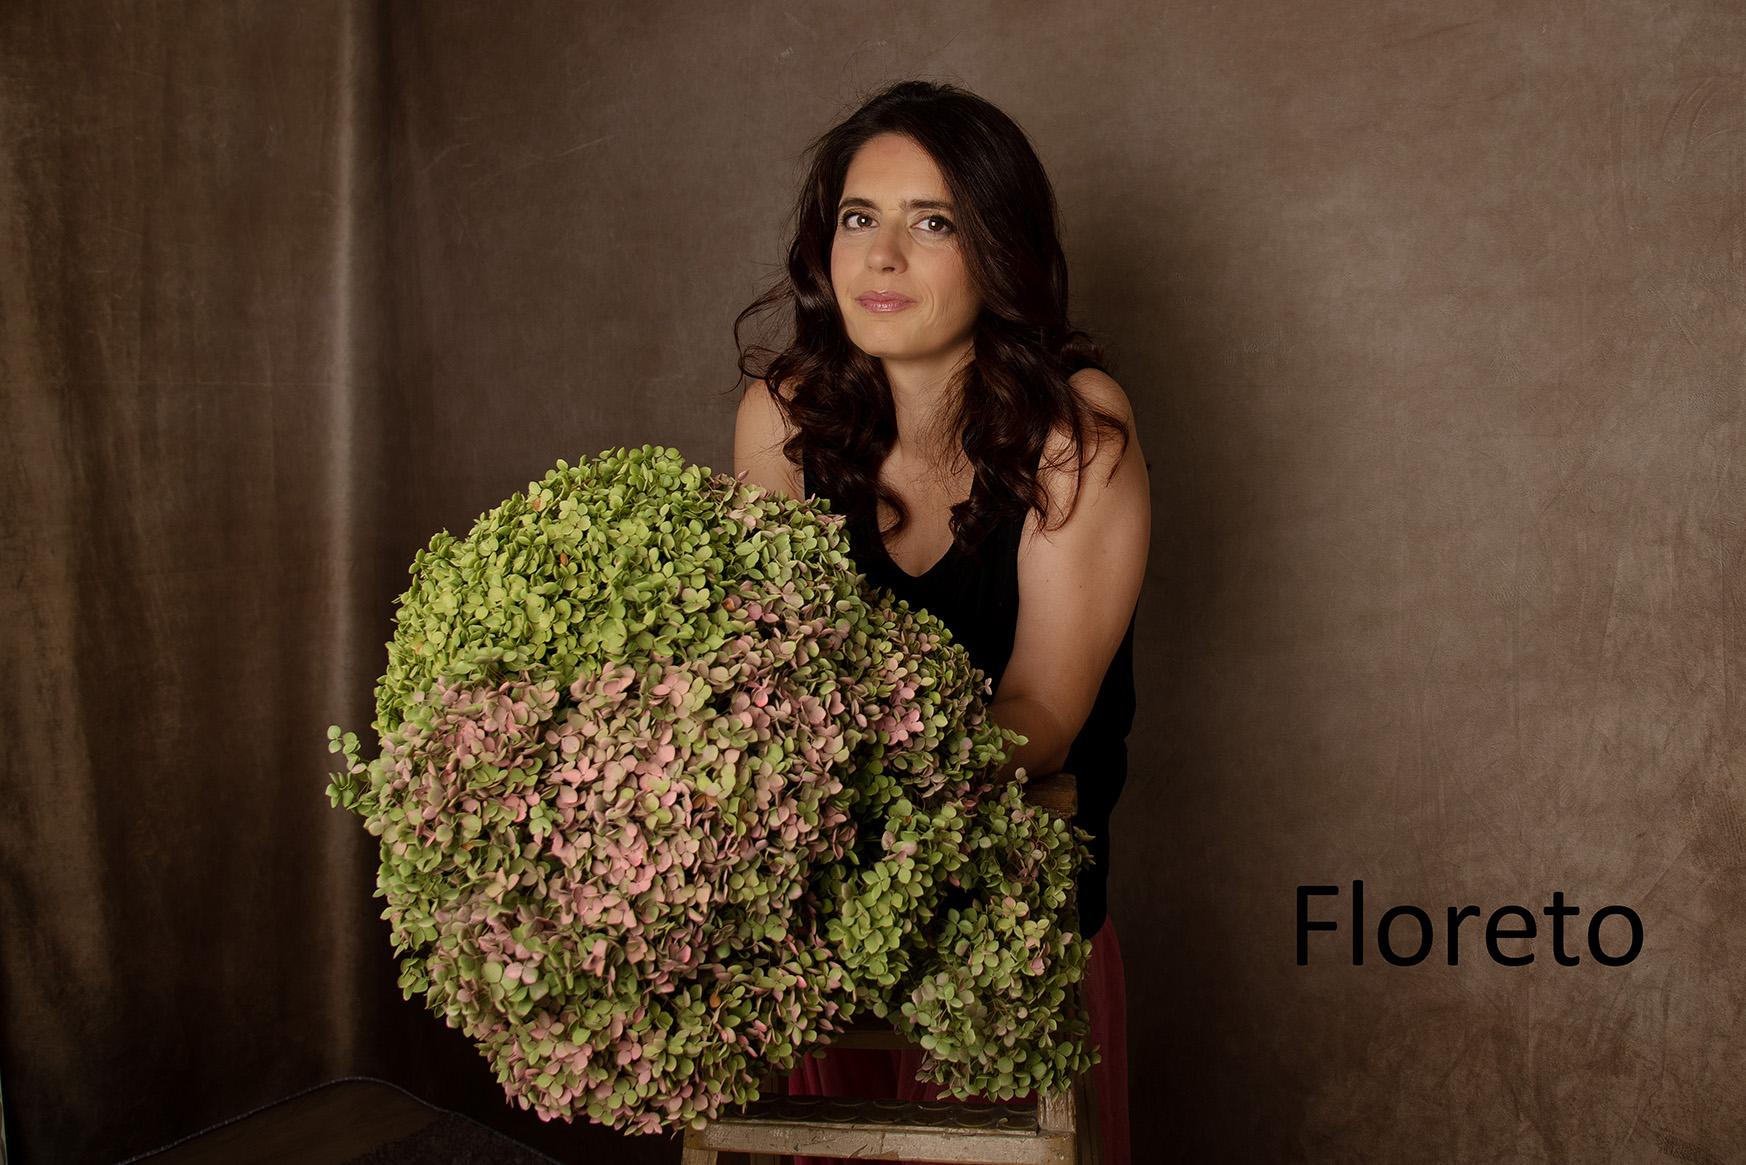 Floreto